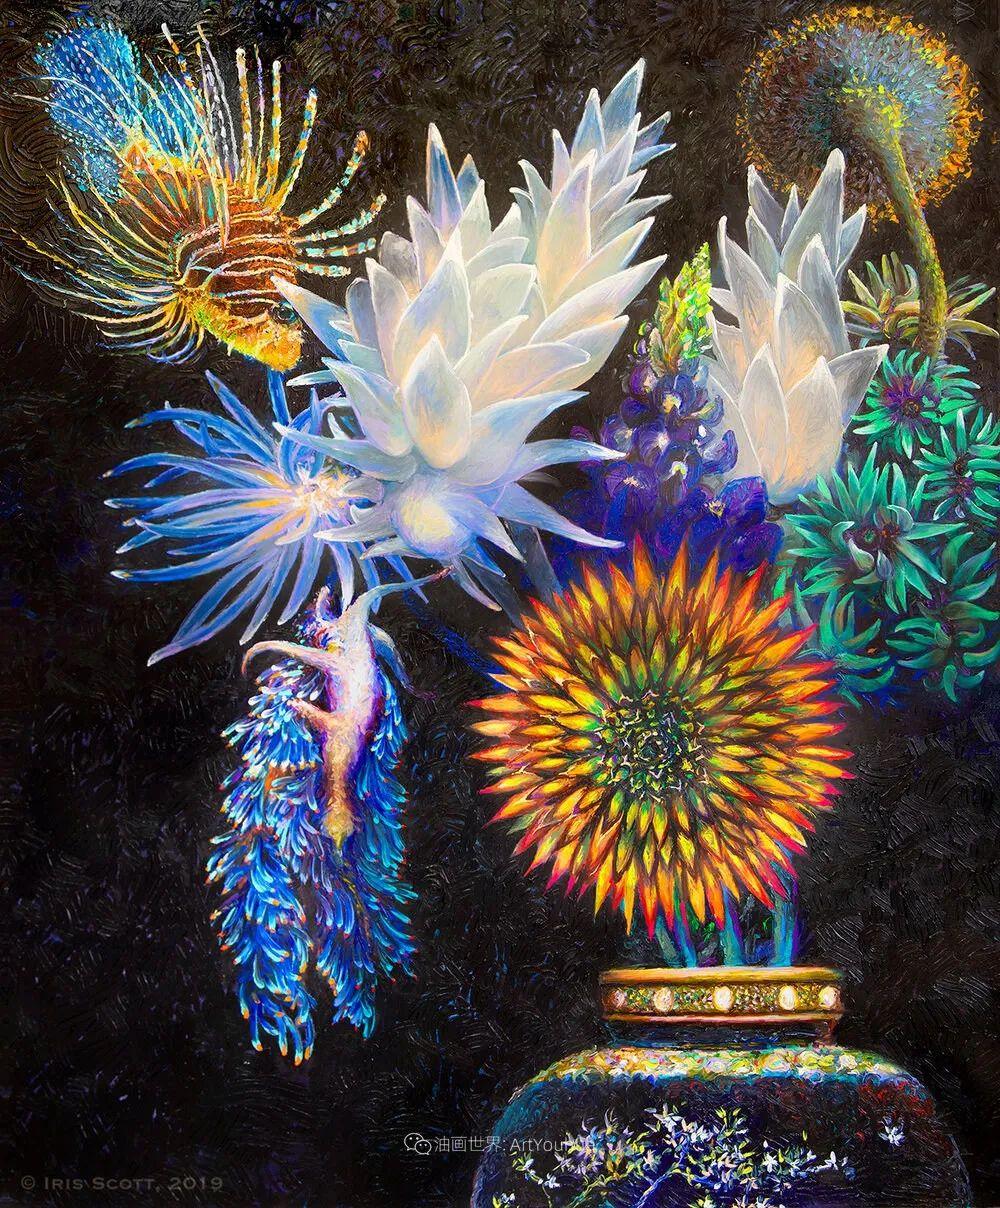 她用指尖来革新艺术世界,美国画家Iris Scott画选(上)插图7